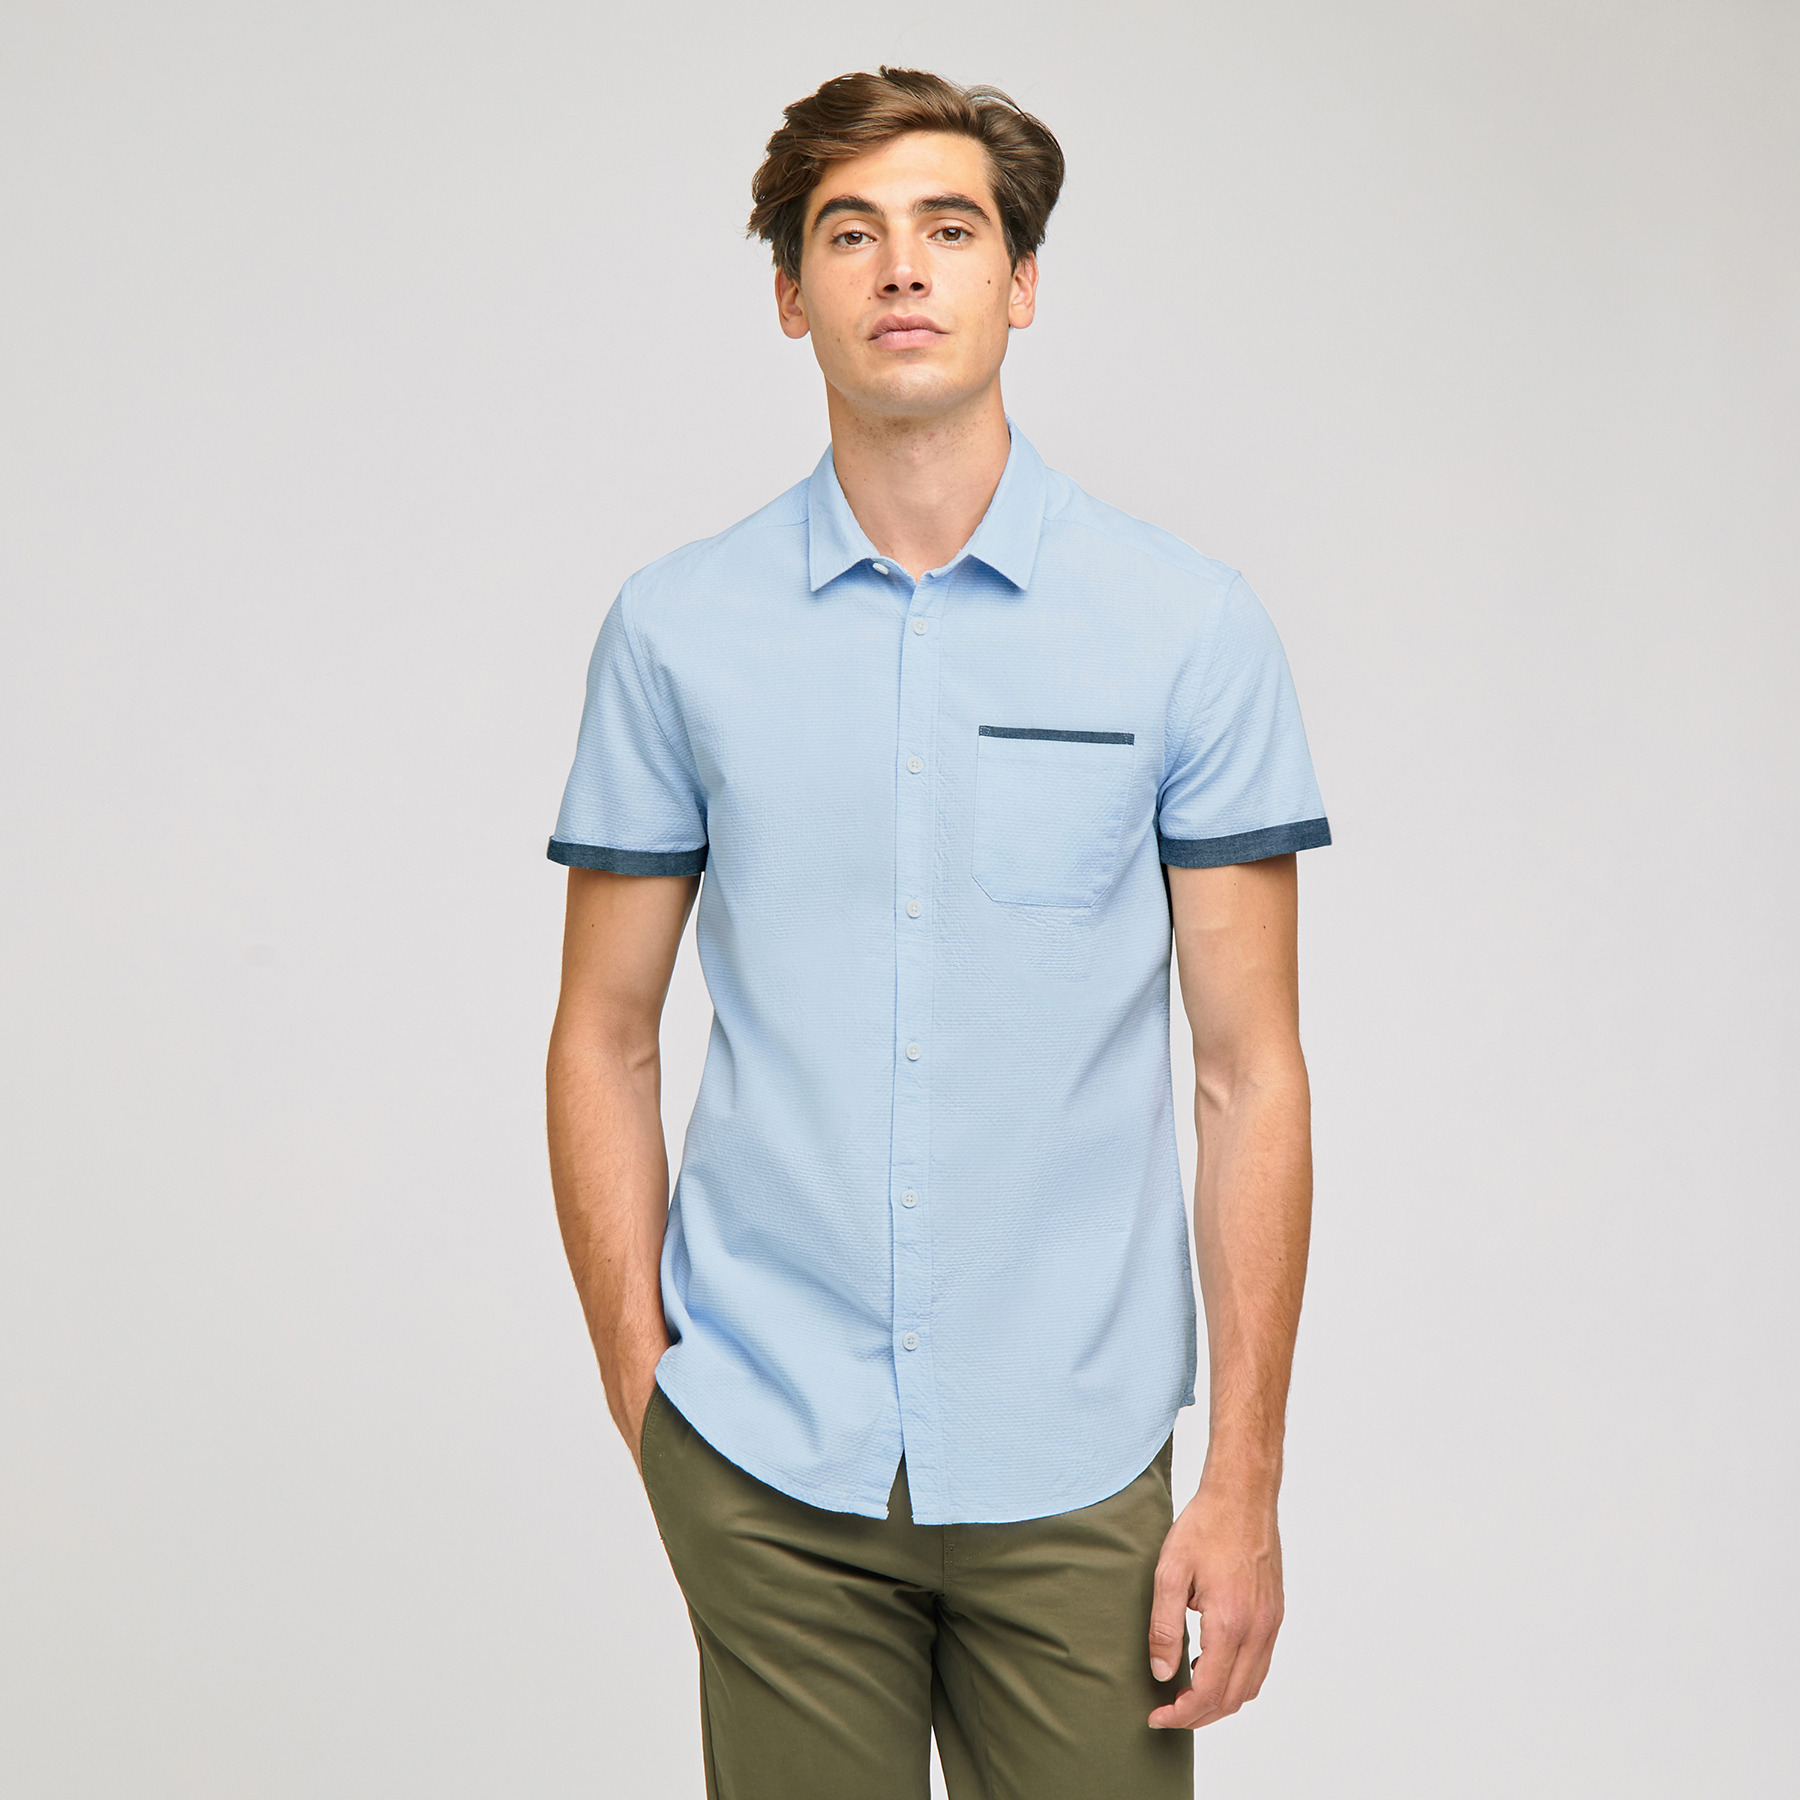 Chemisette Fantaisie Slim Coton Bleu Homme